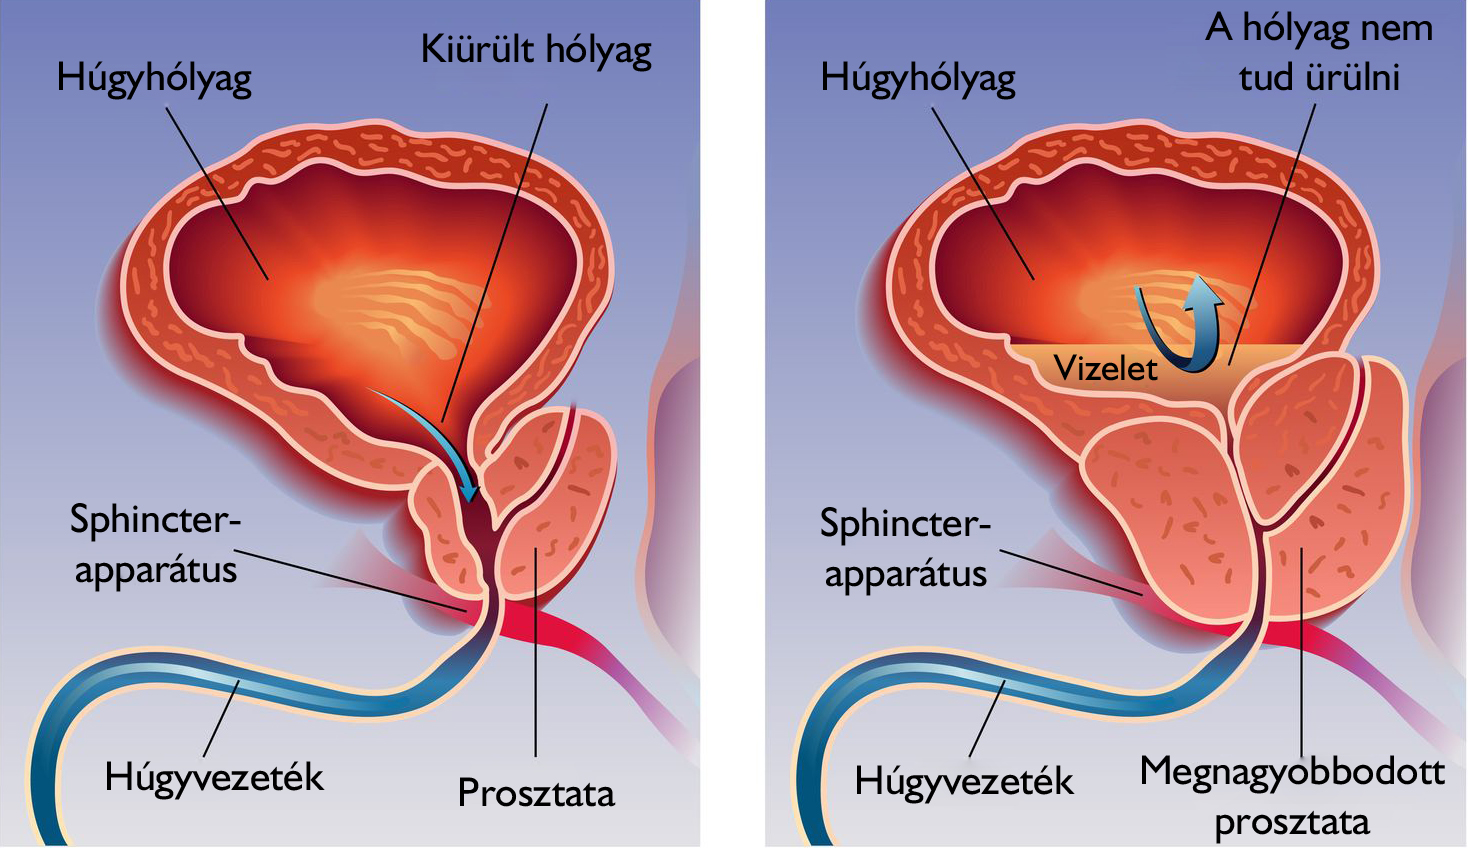 a prosztata az erekció során fáj